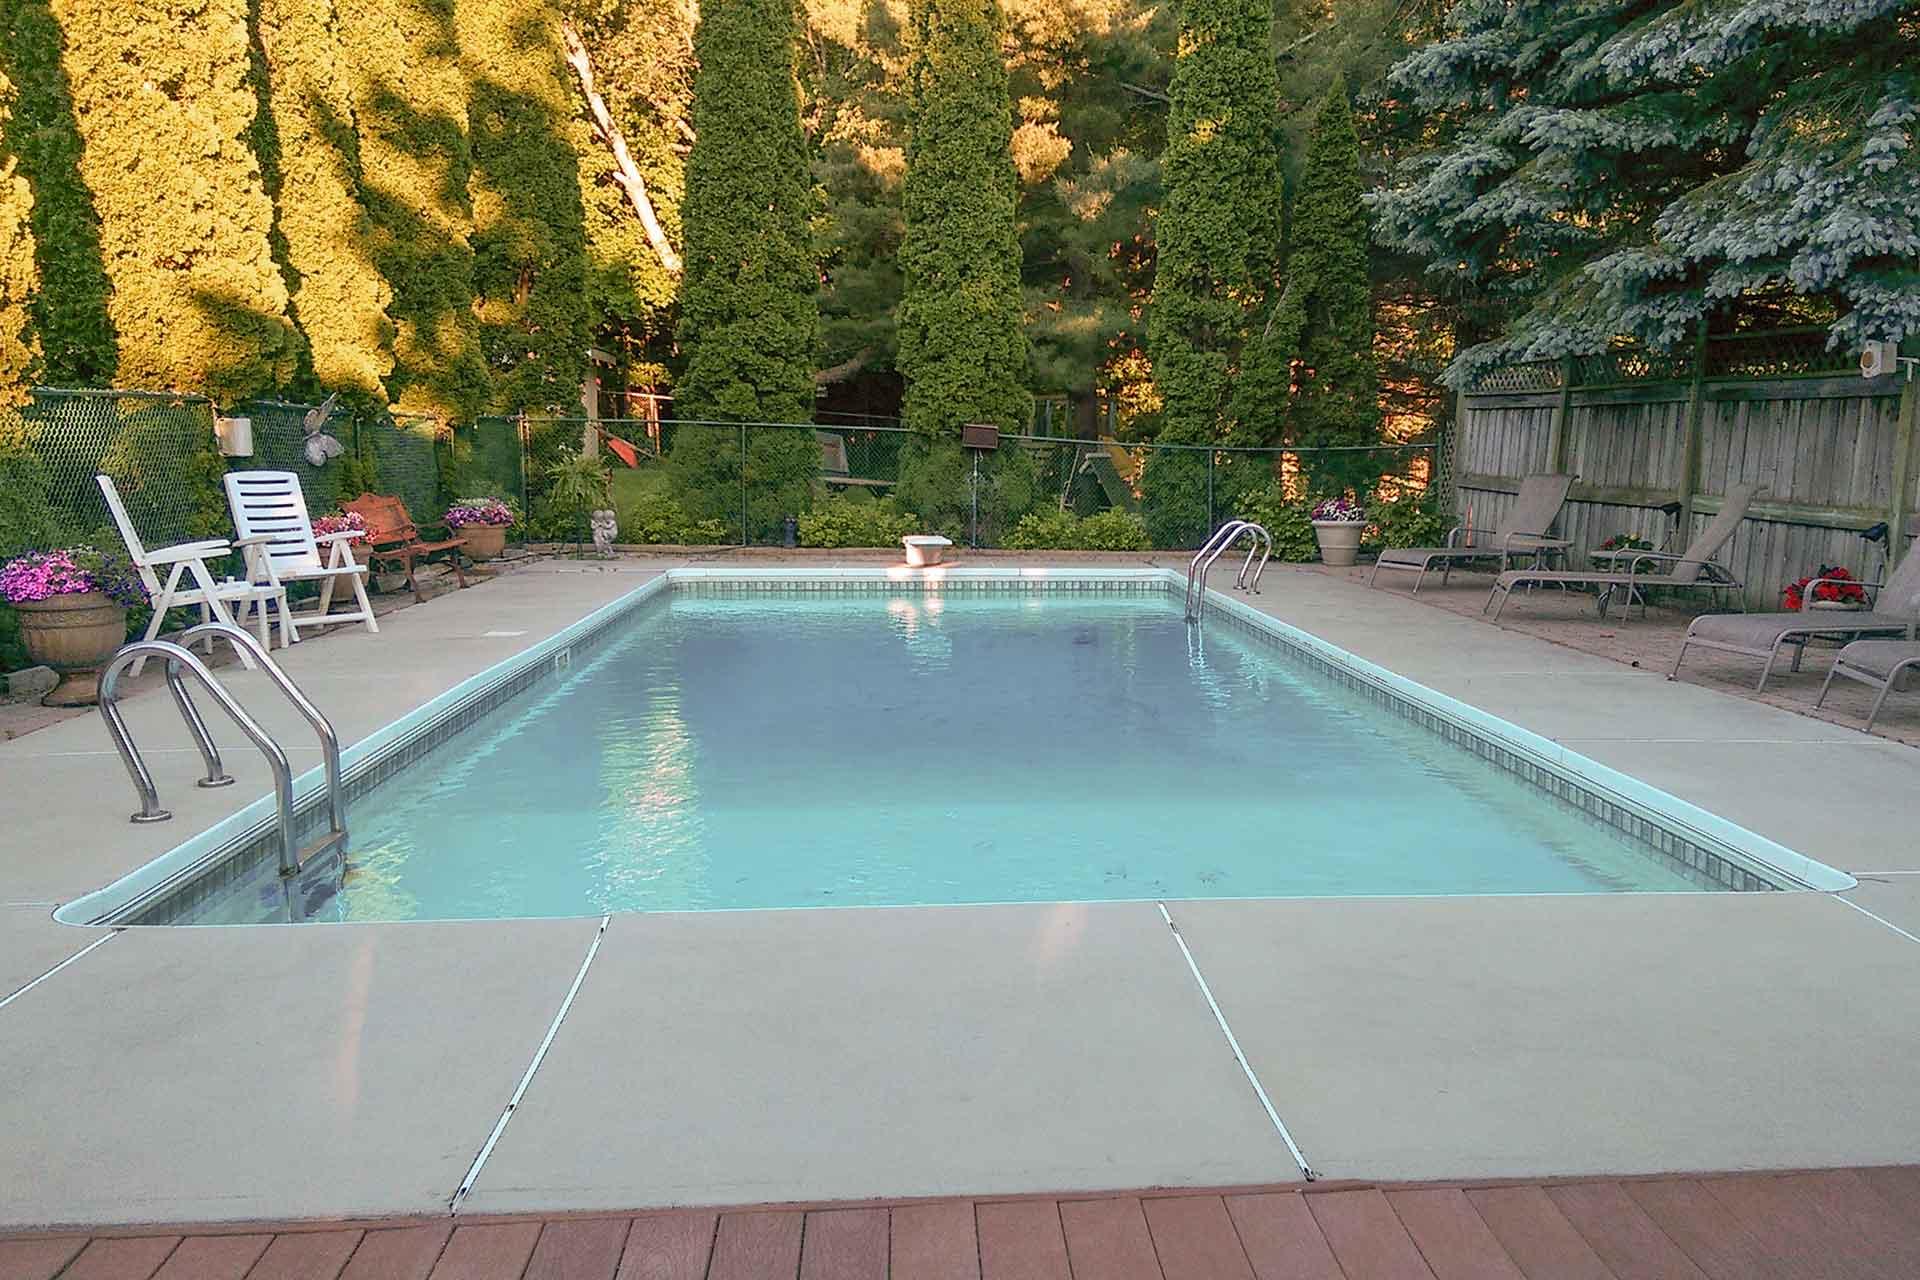 Inground pool, chlorine pool, caledon